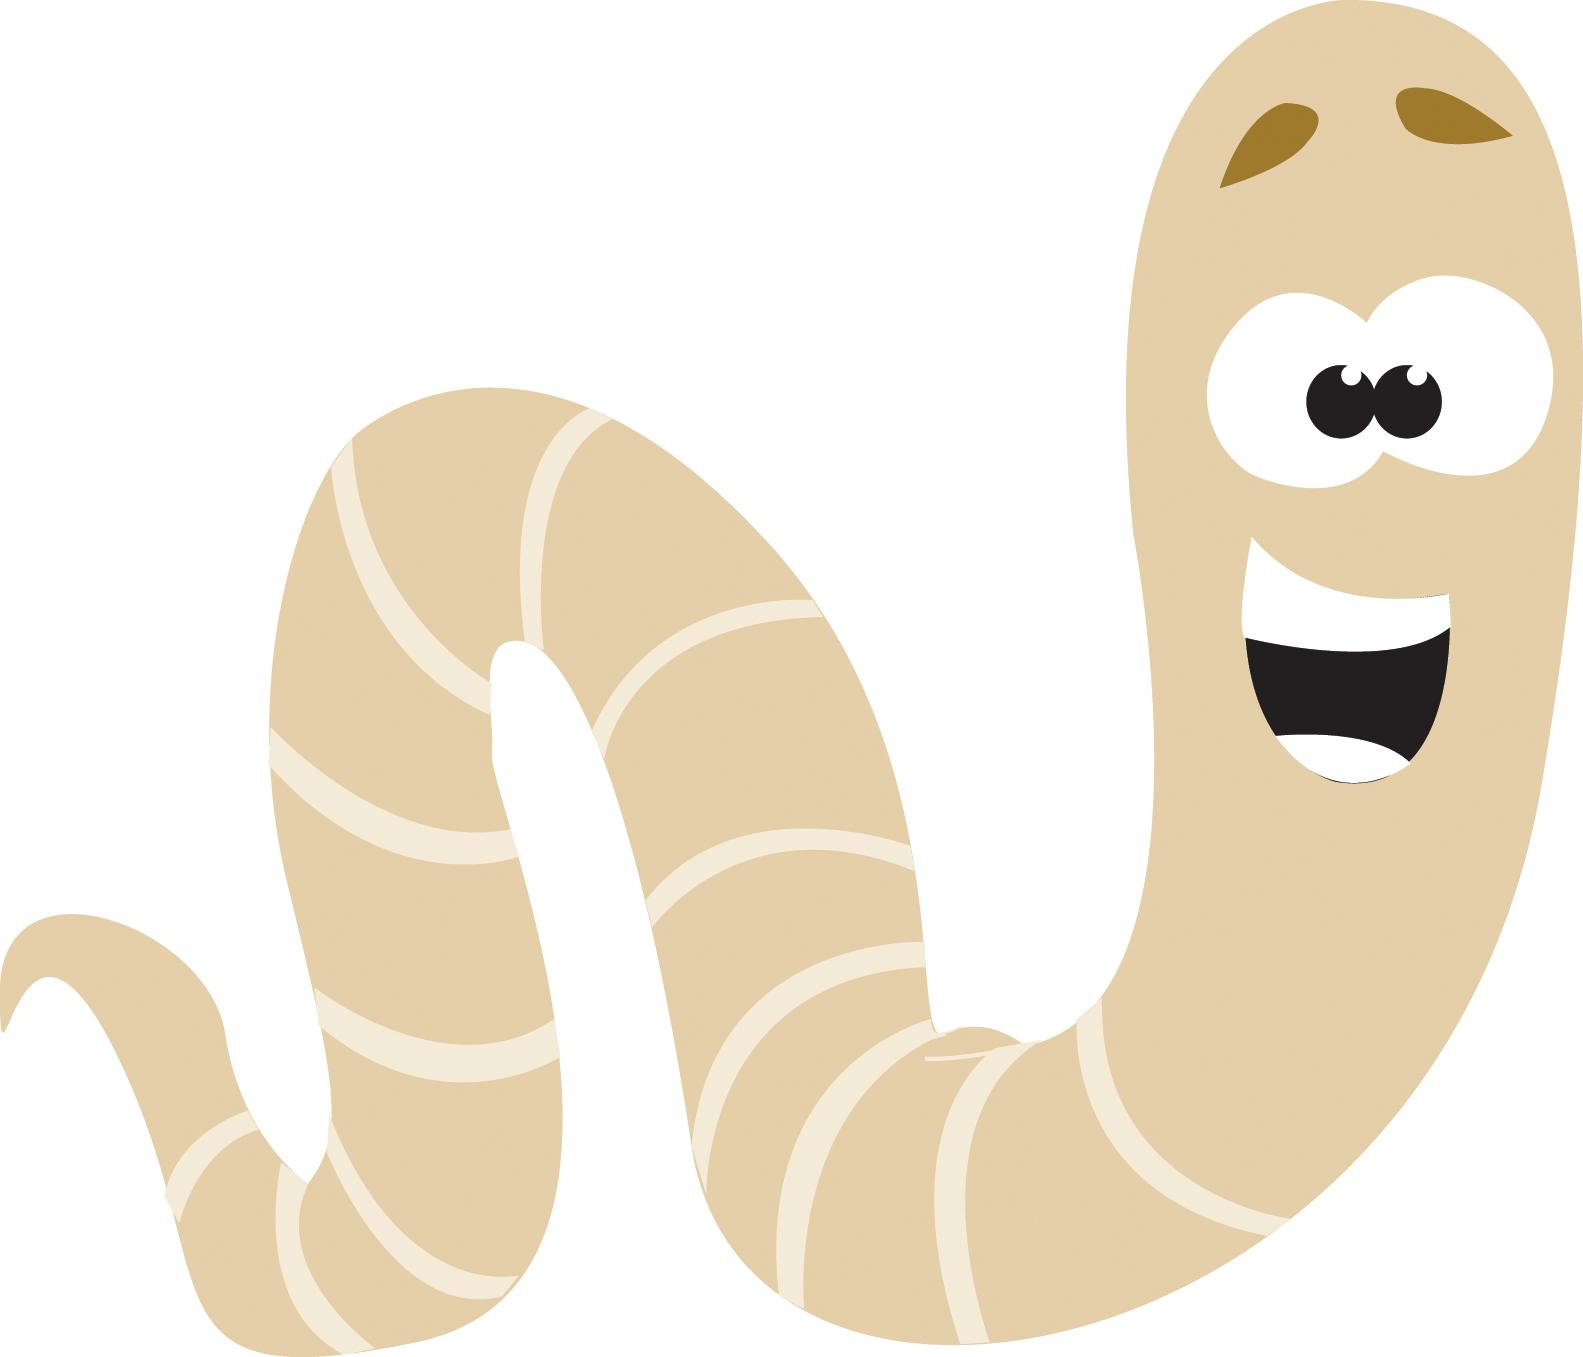 Worm Clip Art on Earthworm Activities